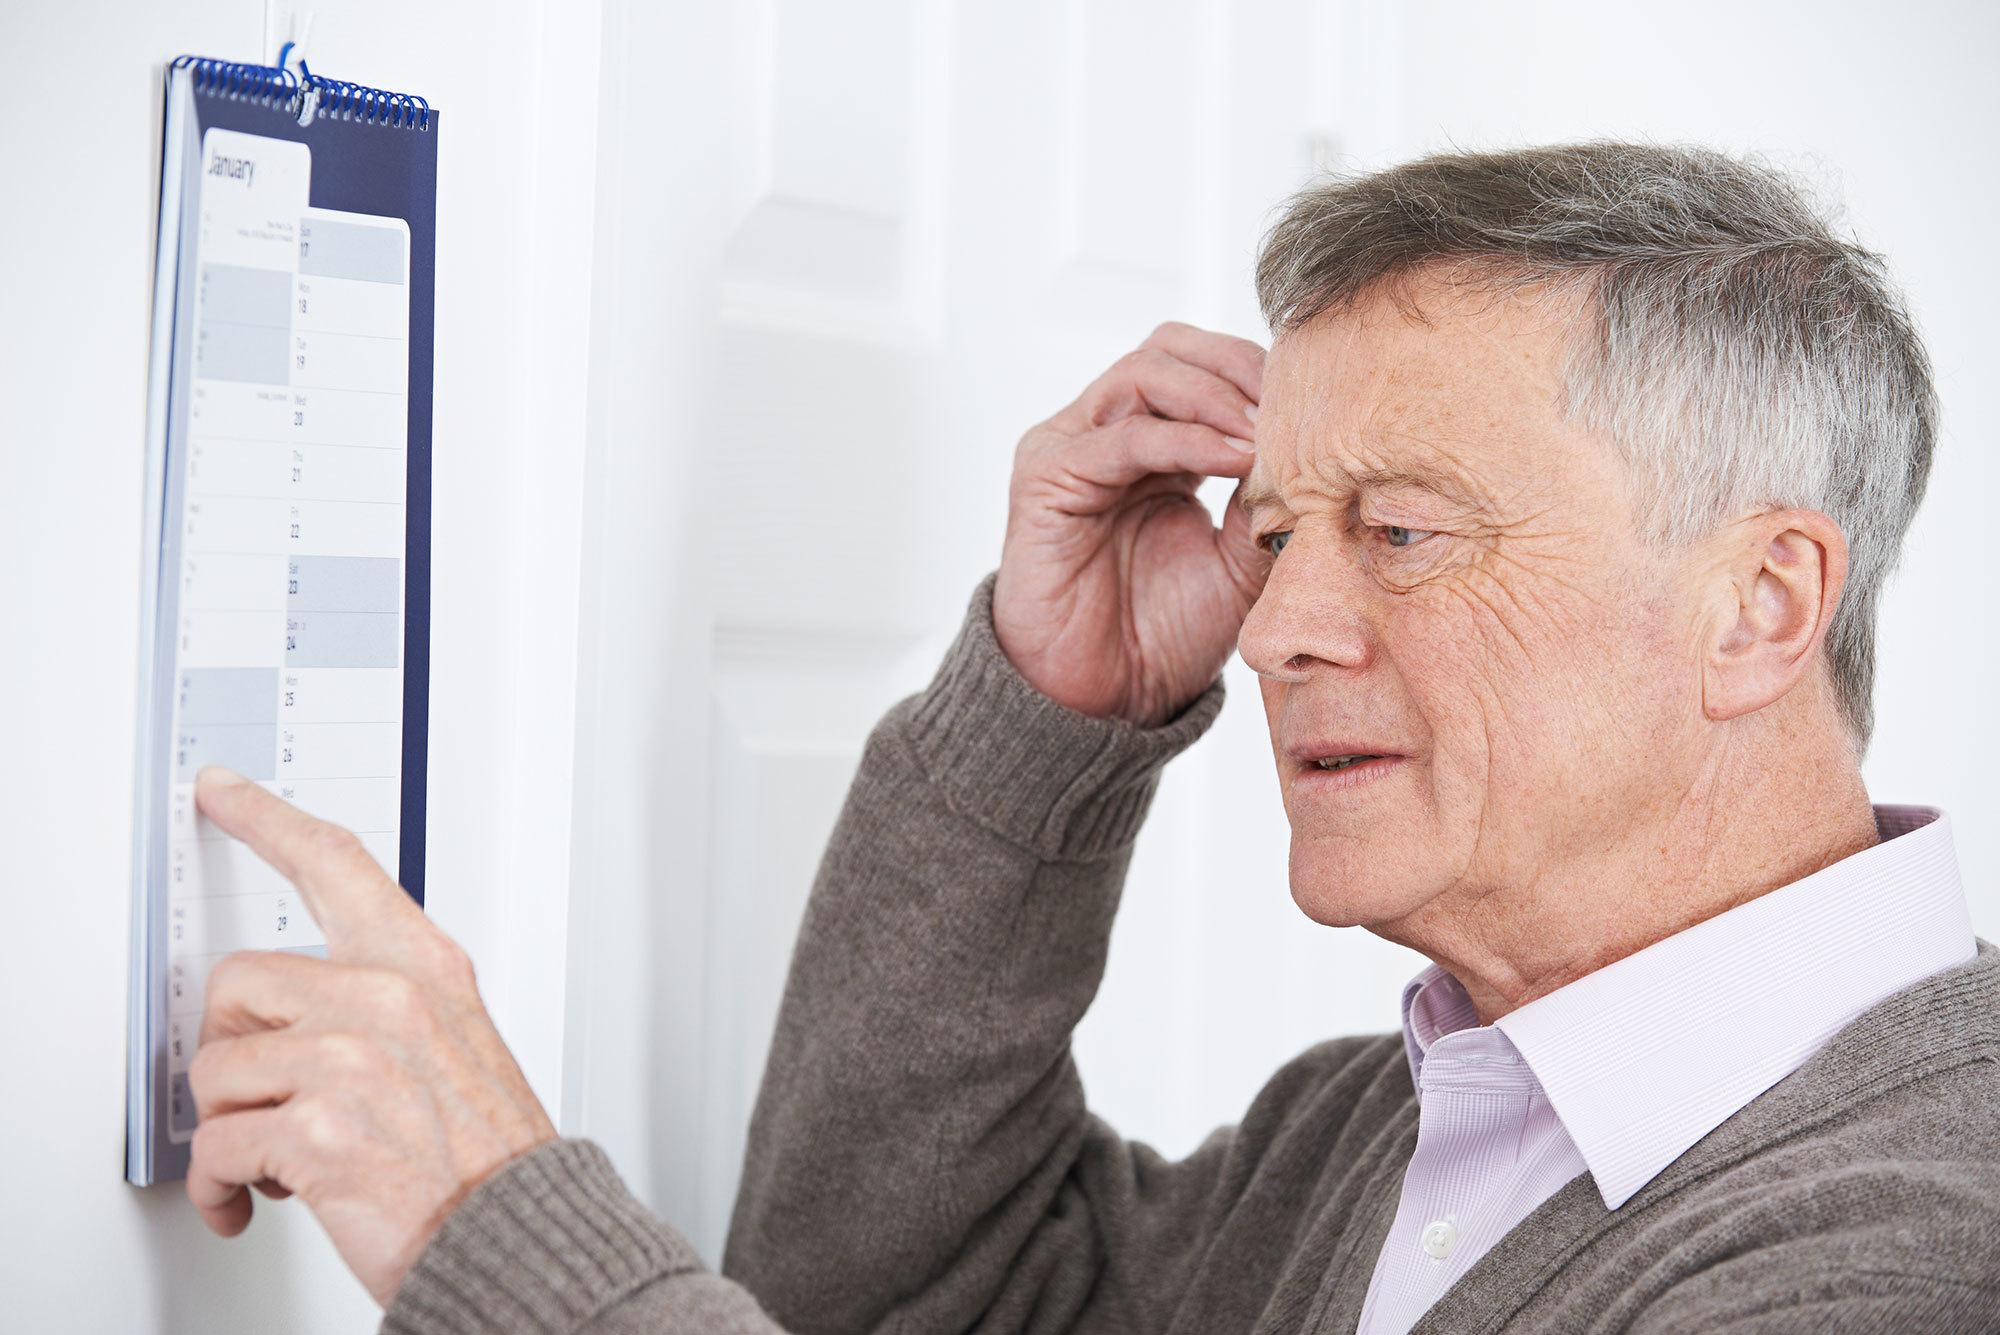 Older man looking confused.